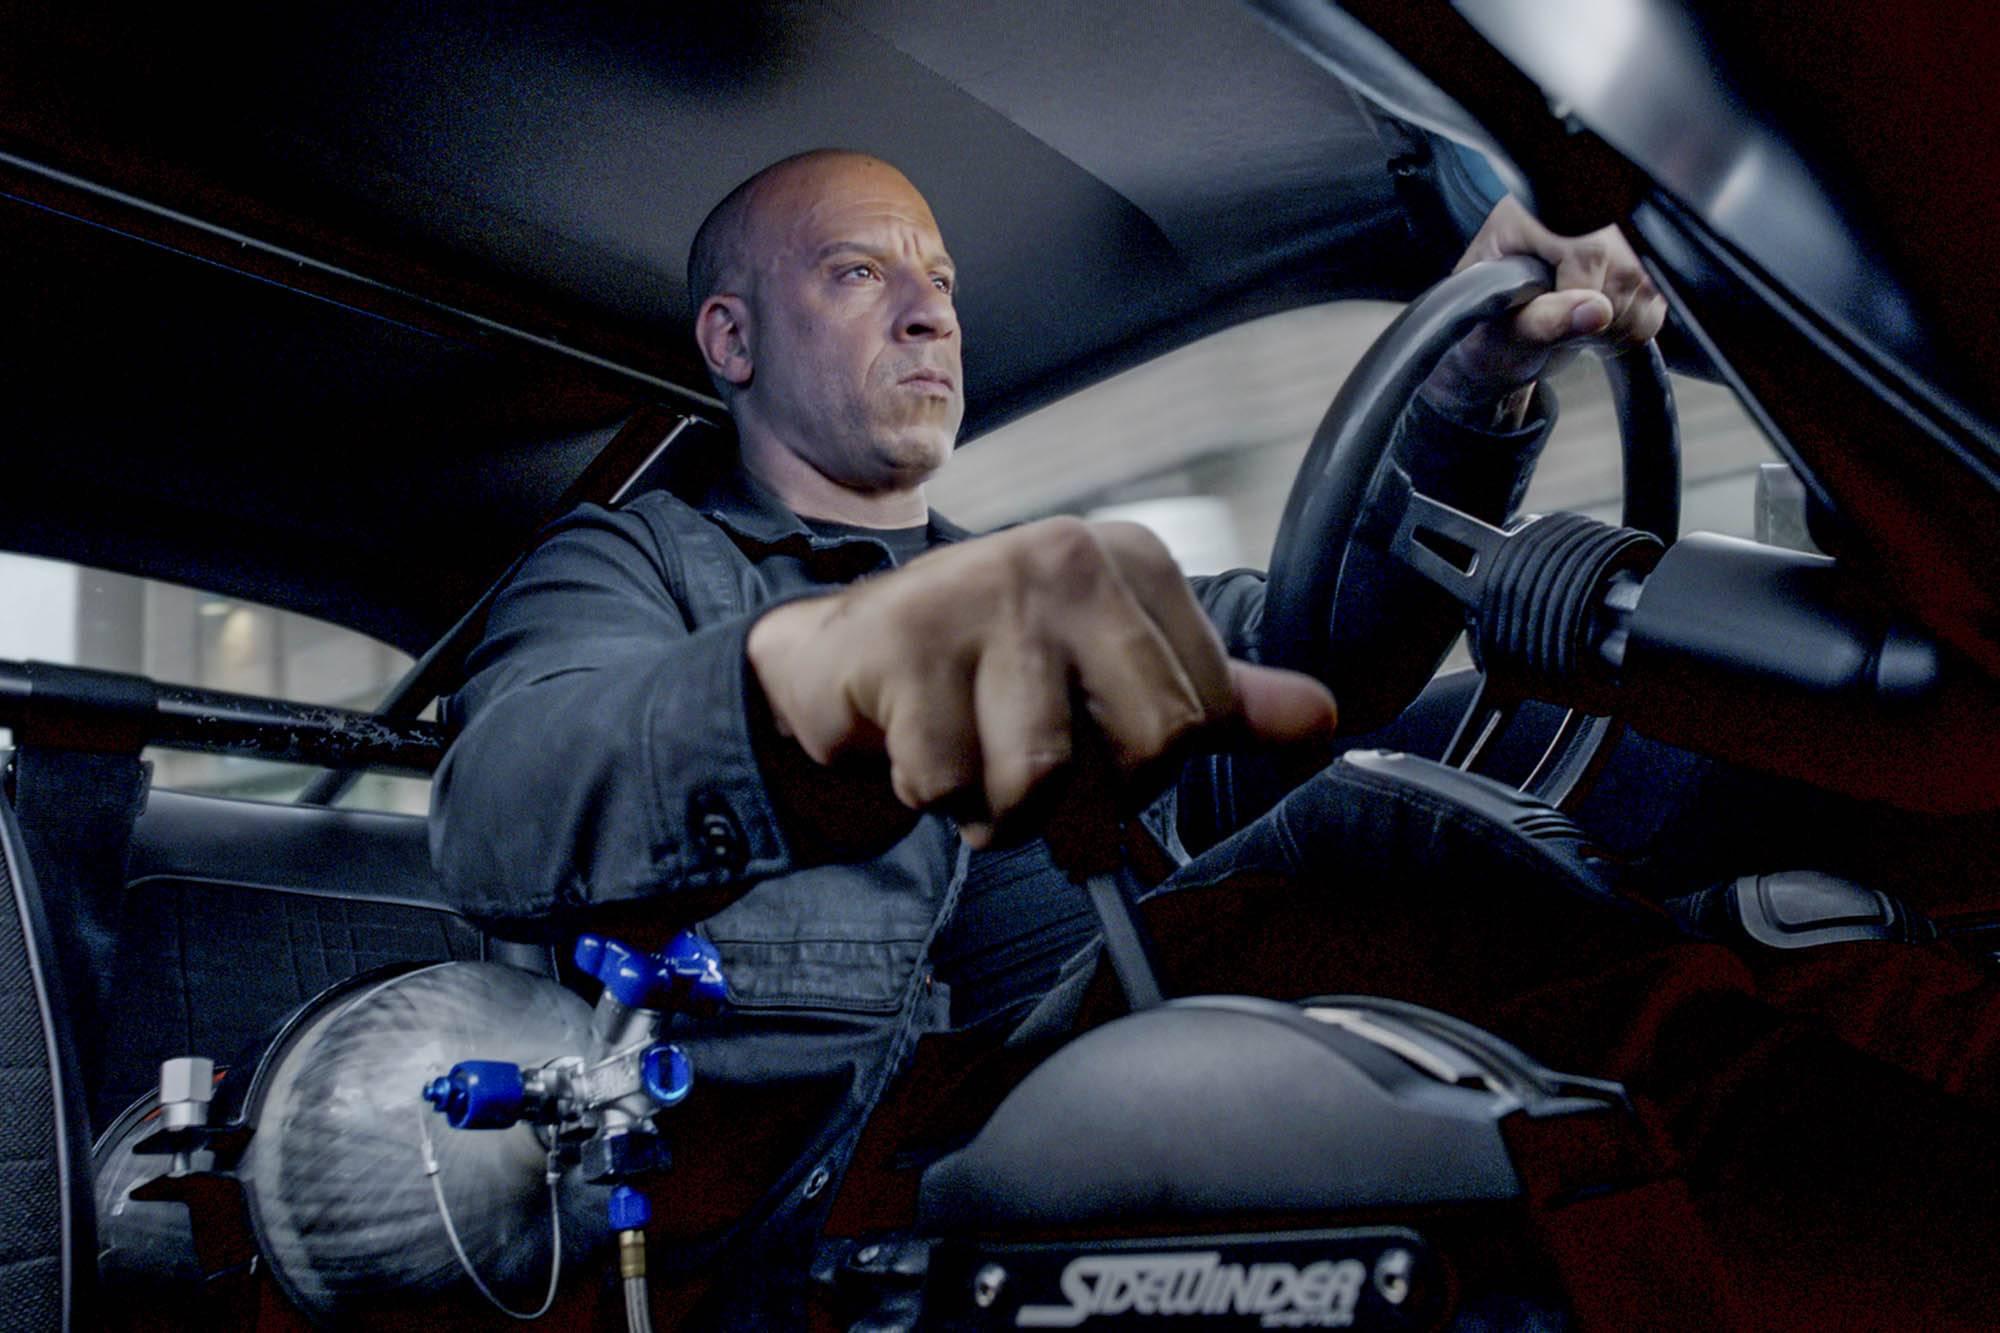 温·迪索饰演多米尼克·托雷多,在片中至少开坏了 20 辆名贵老爷肌肉车